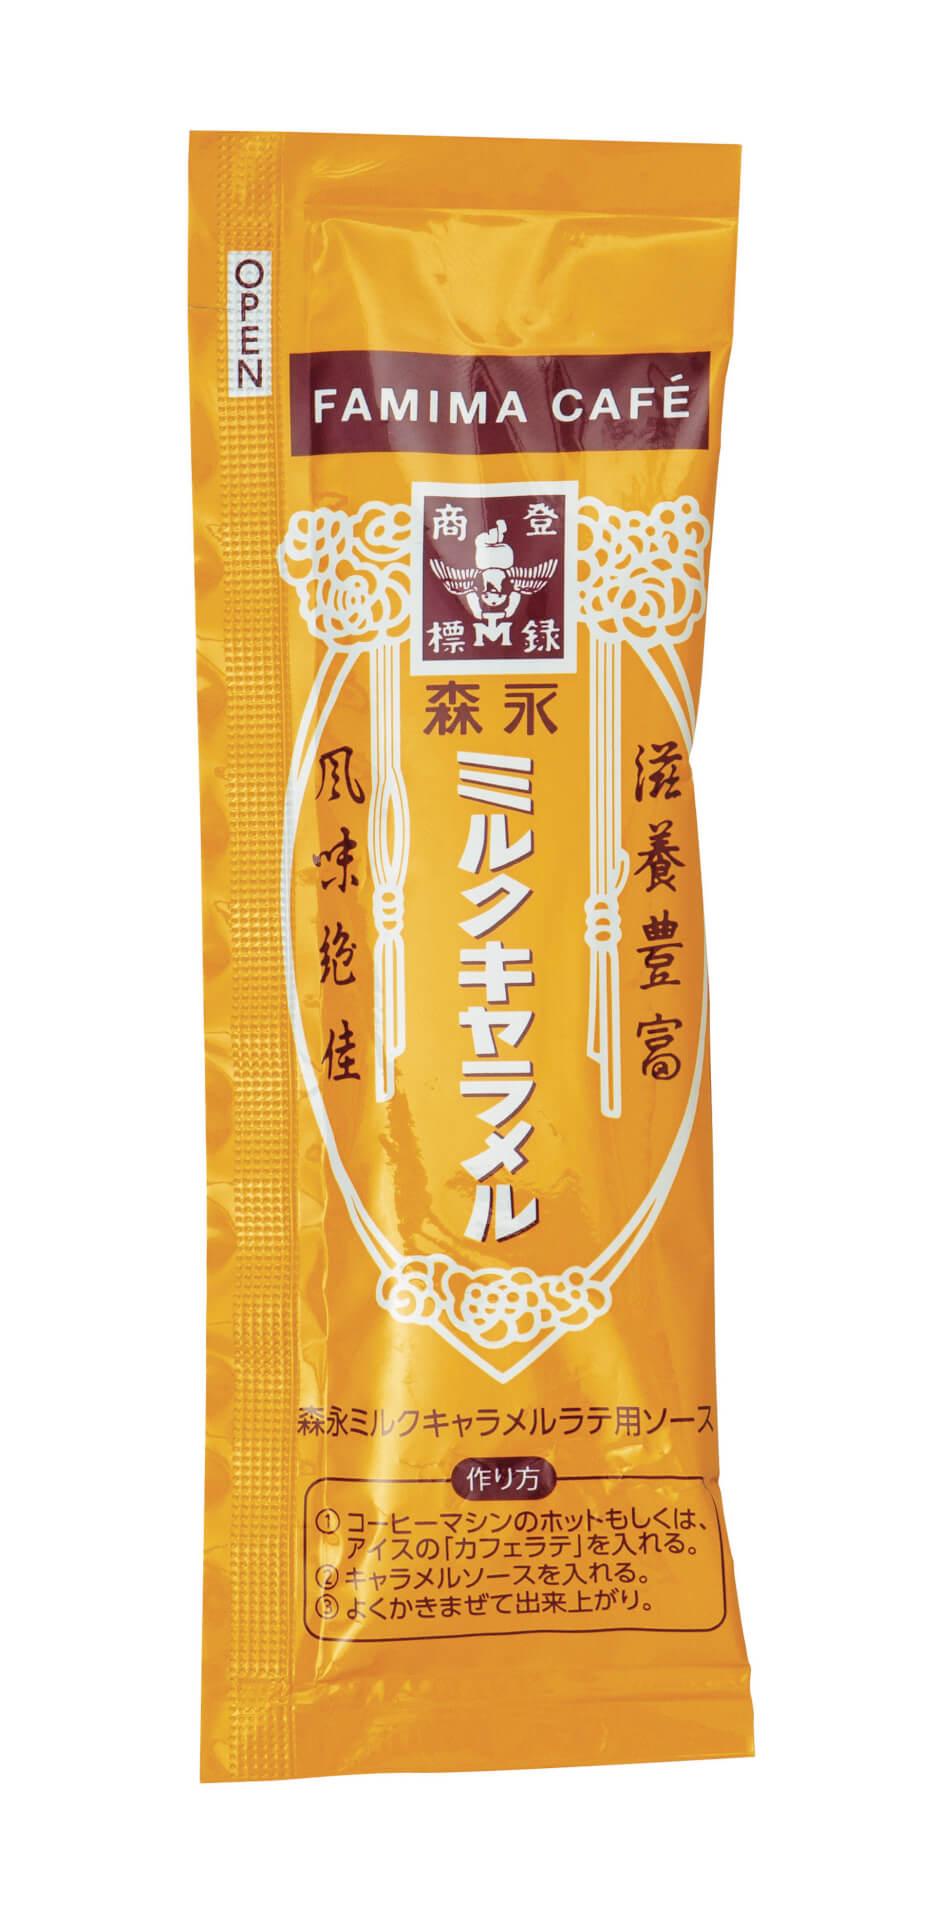 ファミマのラテが「森永ミルクキャラメル」味に!森永ミルクキャラメルラテ&森永ミルクキャラメルふわふわシフォンが登場 gourmet201201_familymart_latte_4